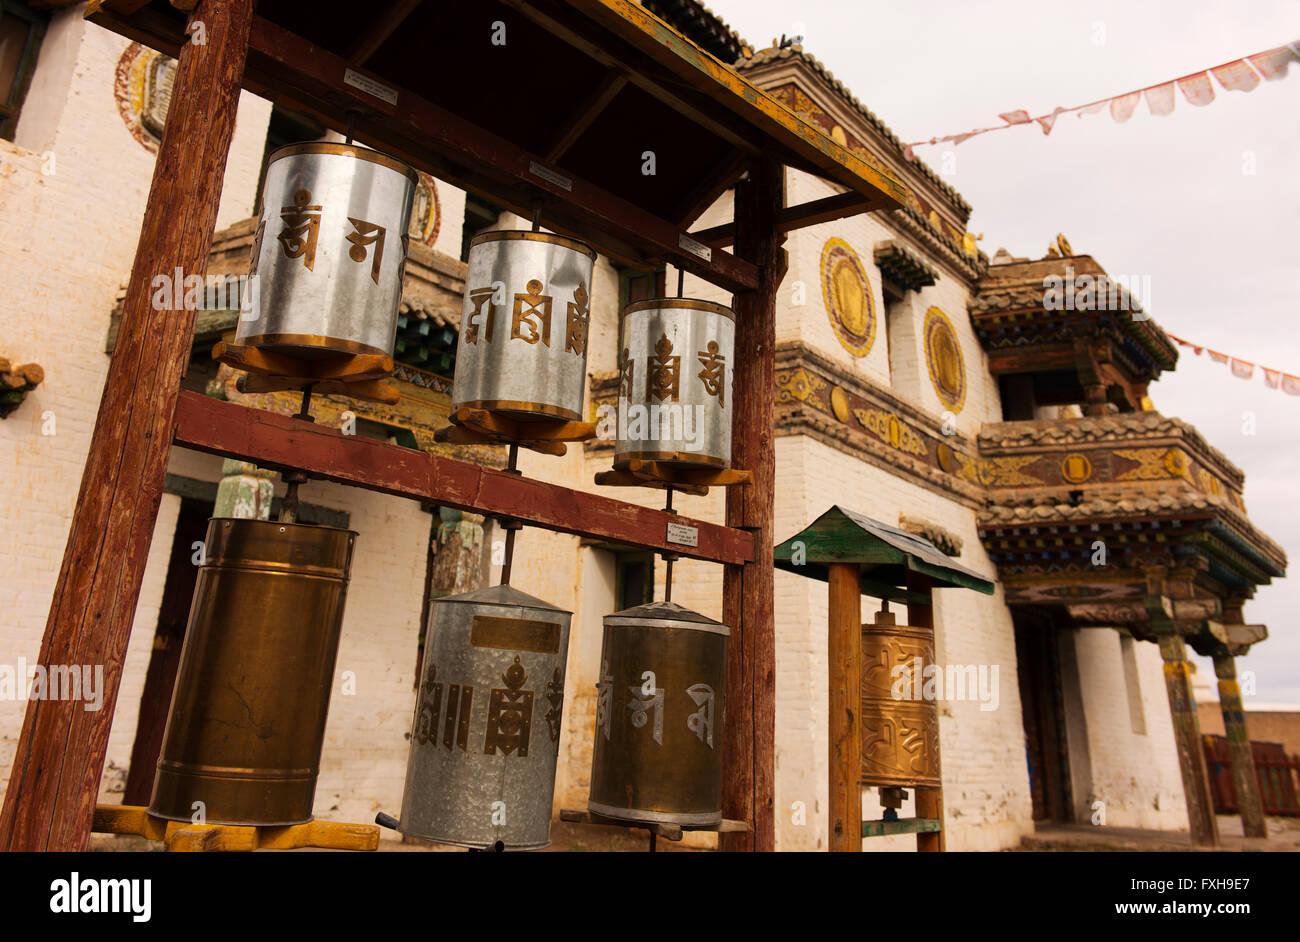 Prayer wheels at the Erdene Zuu Monastery. - Stock Image